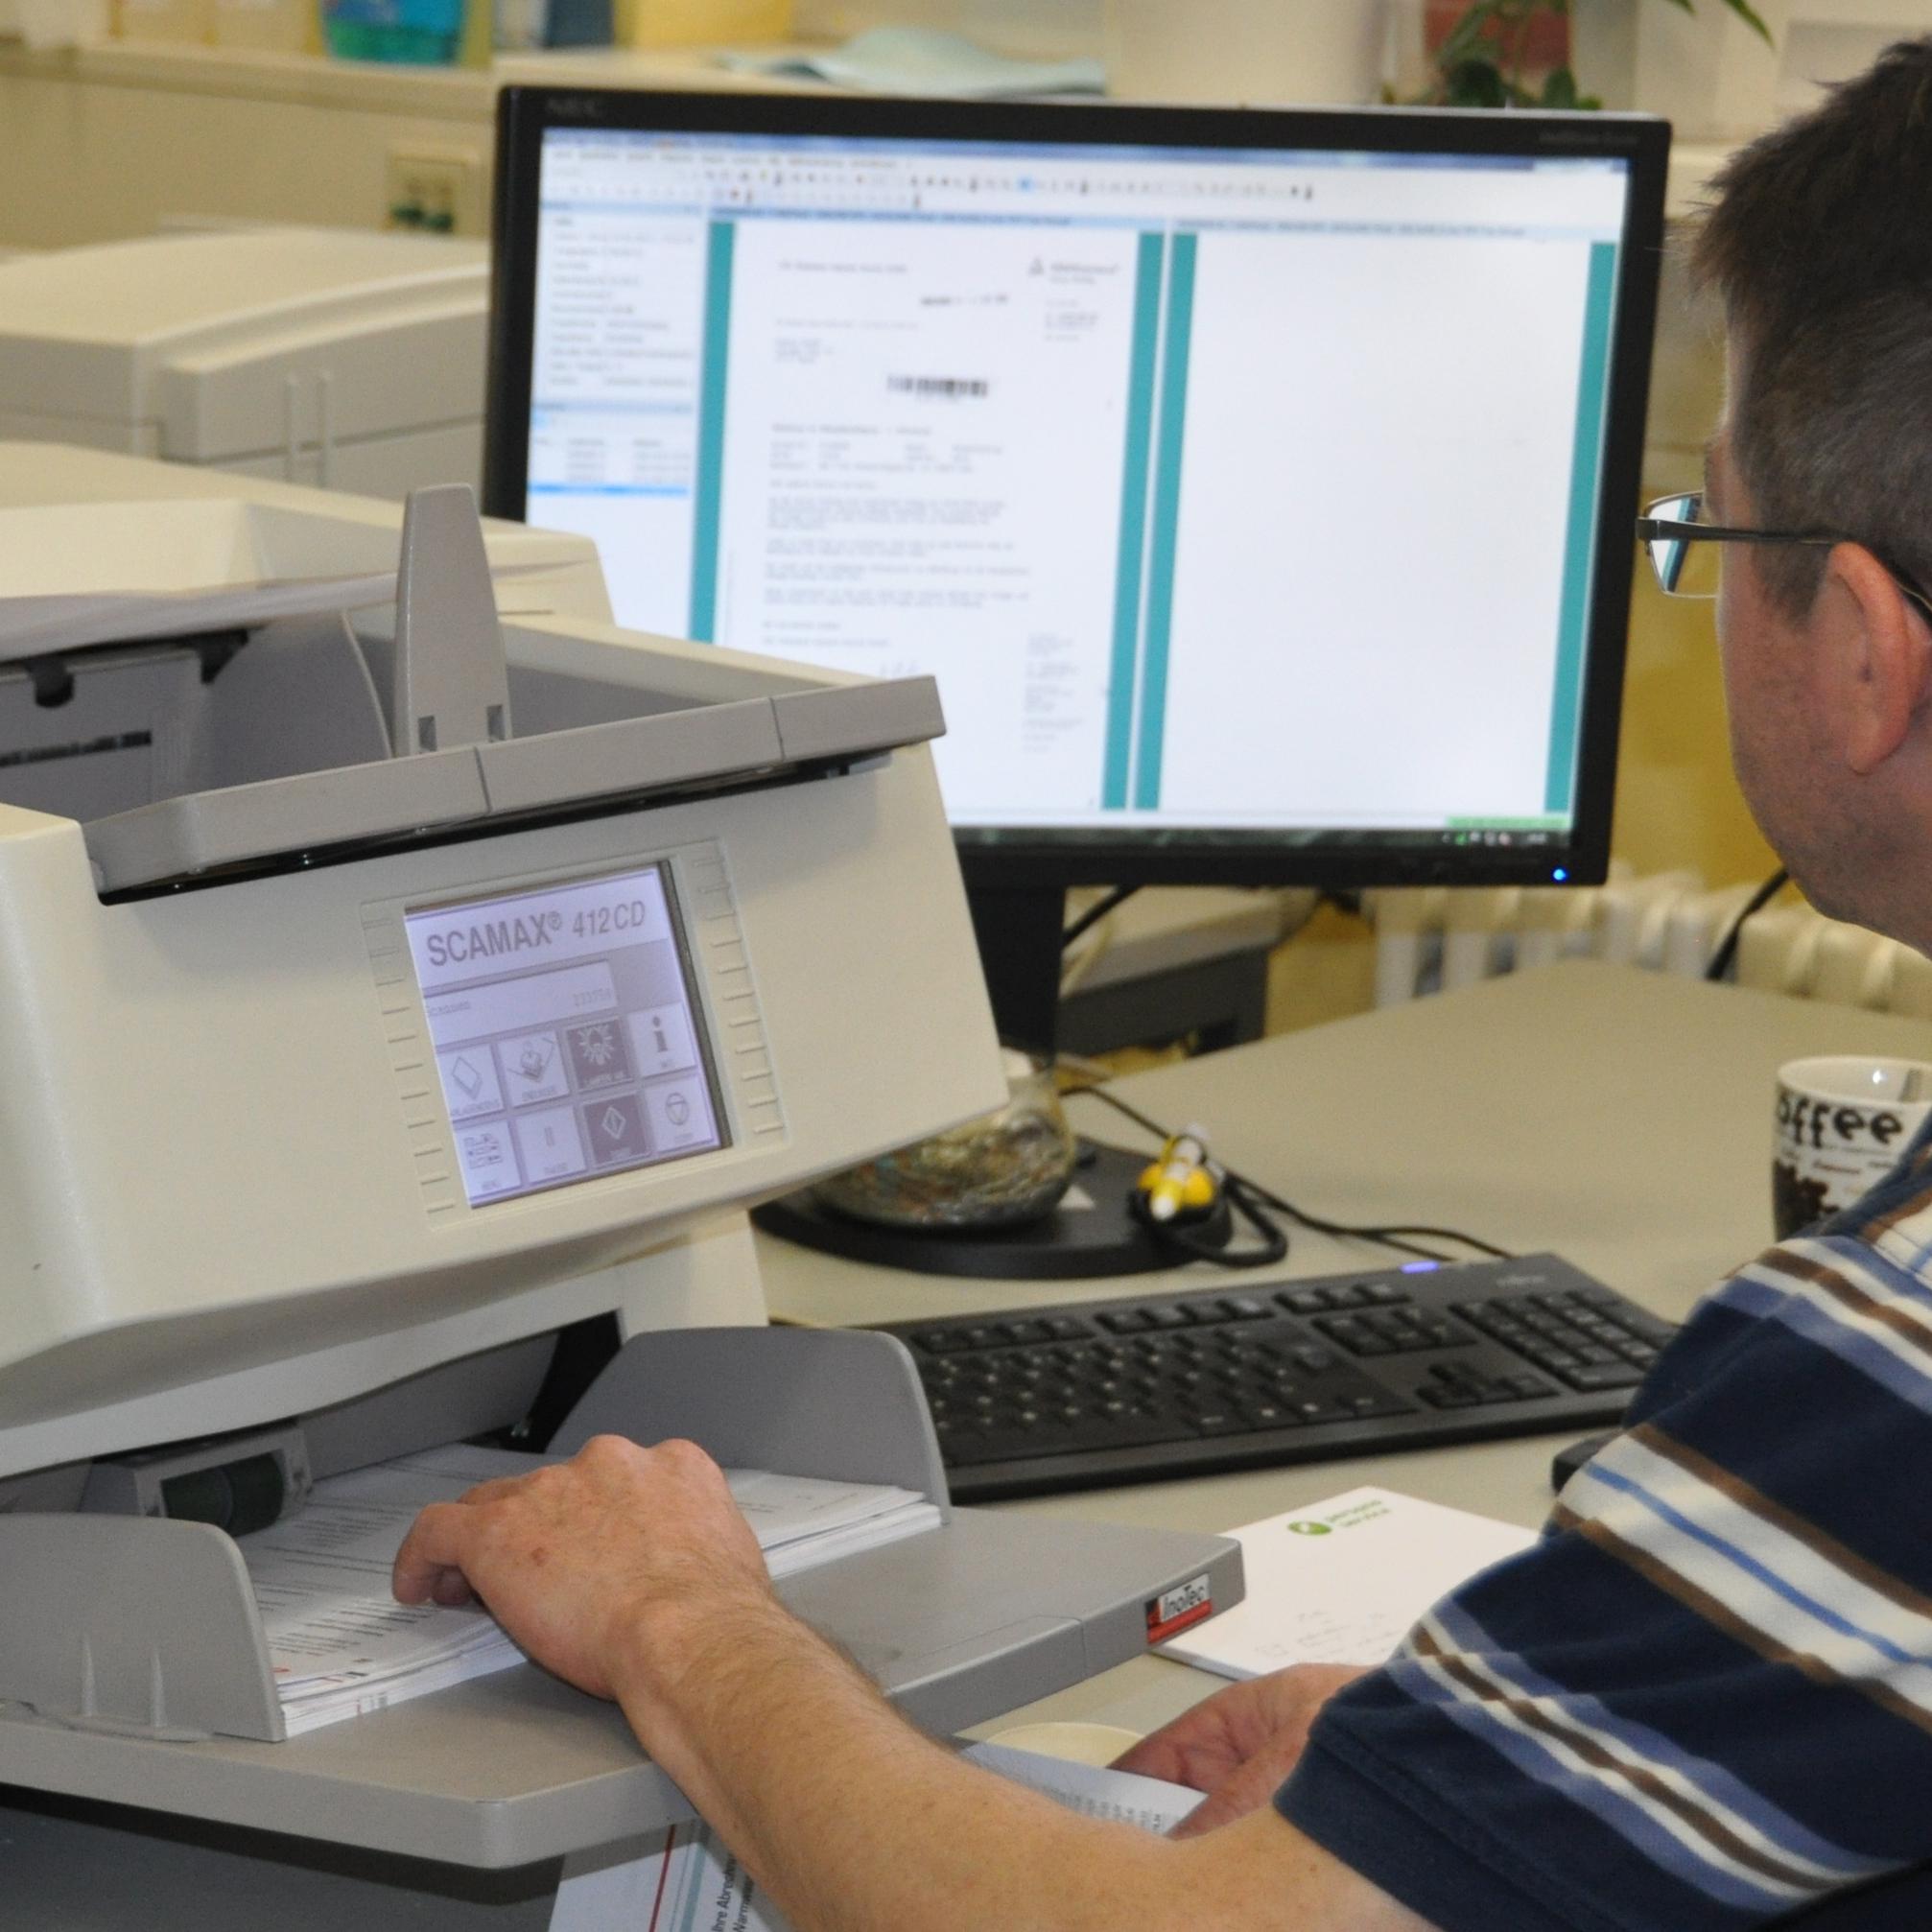 Ansicht eines Arbeitsplatzes mit Aktenscanner